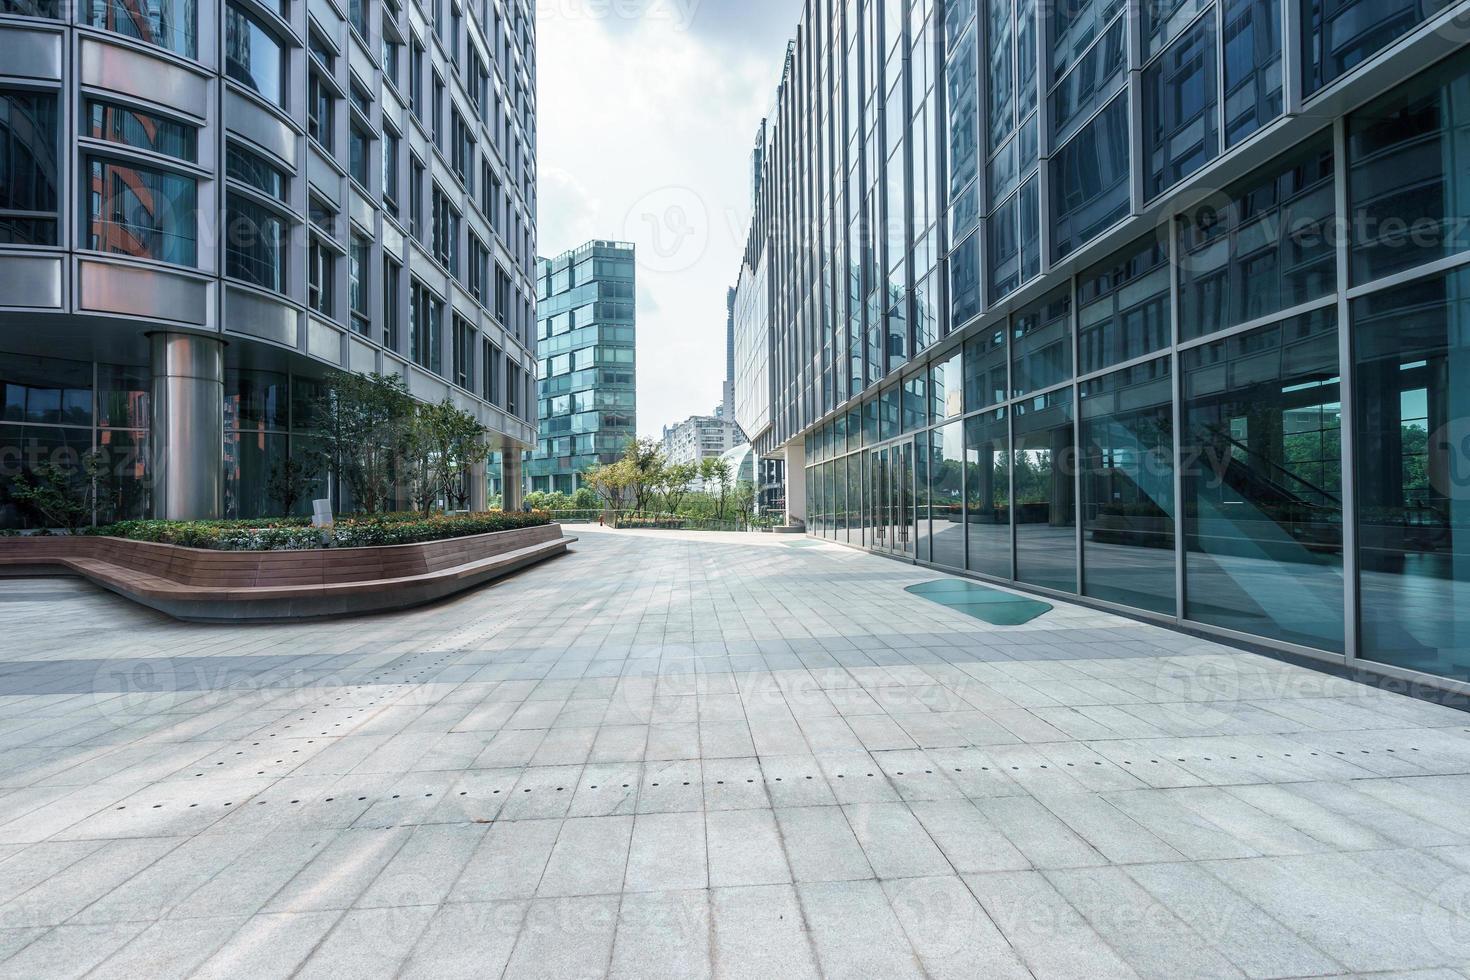 vide au rez-de-chaussée des bâtiments modernes photo